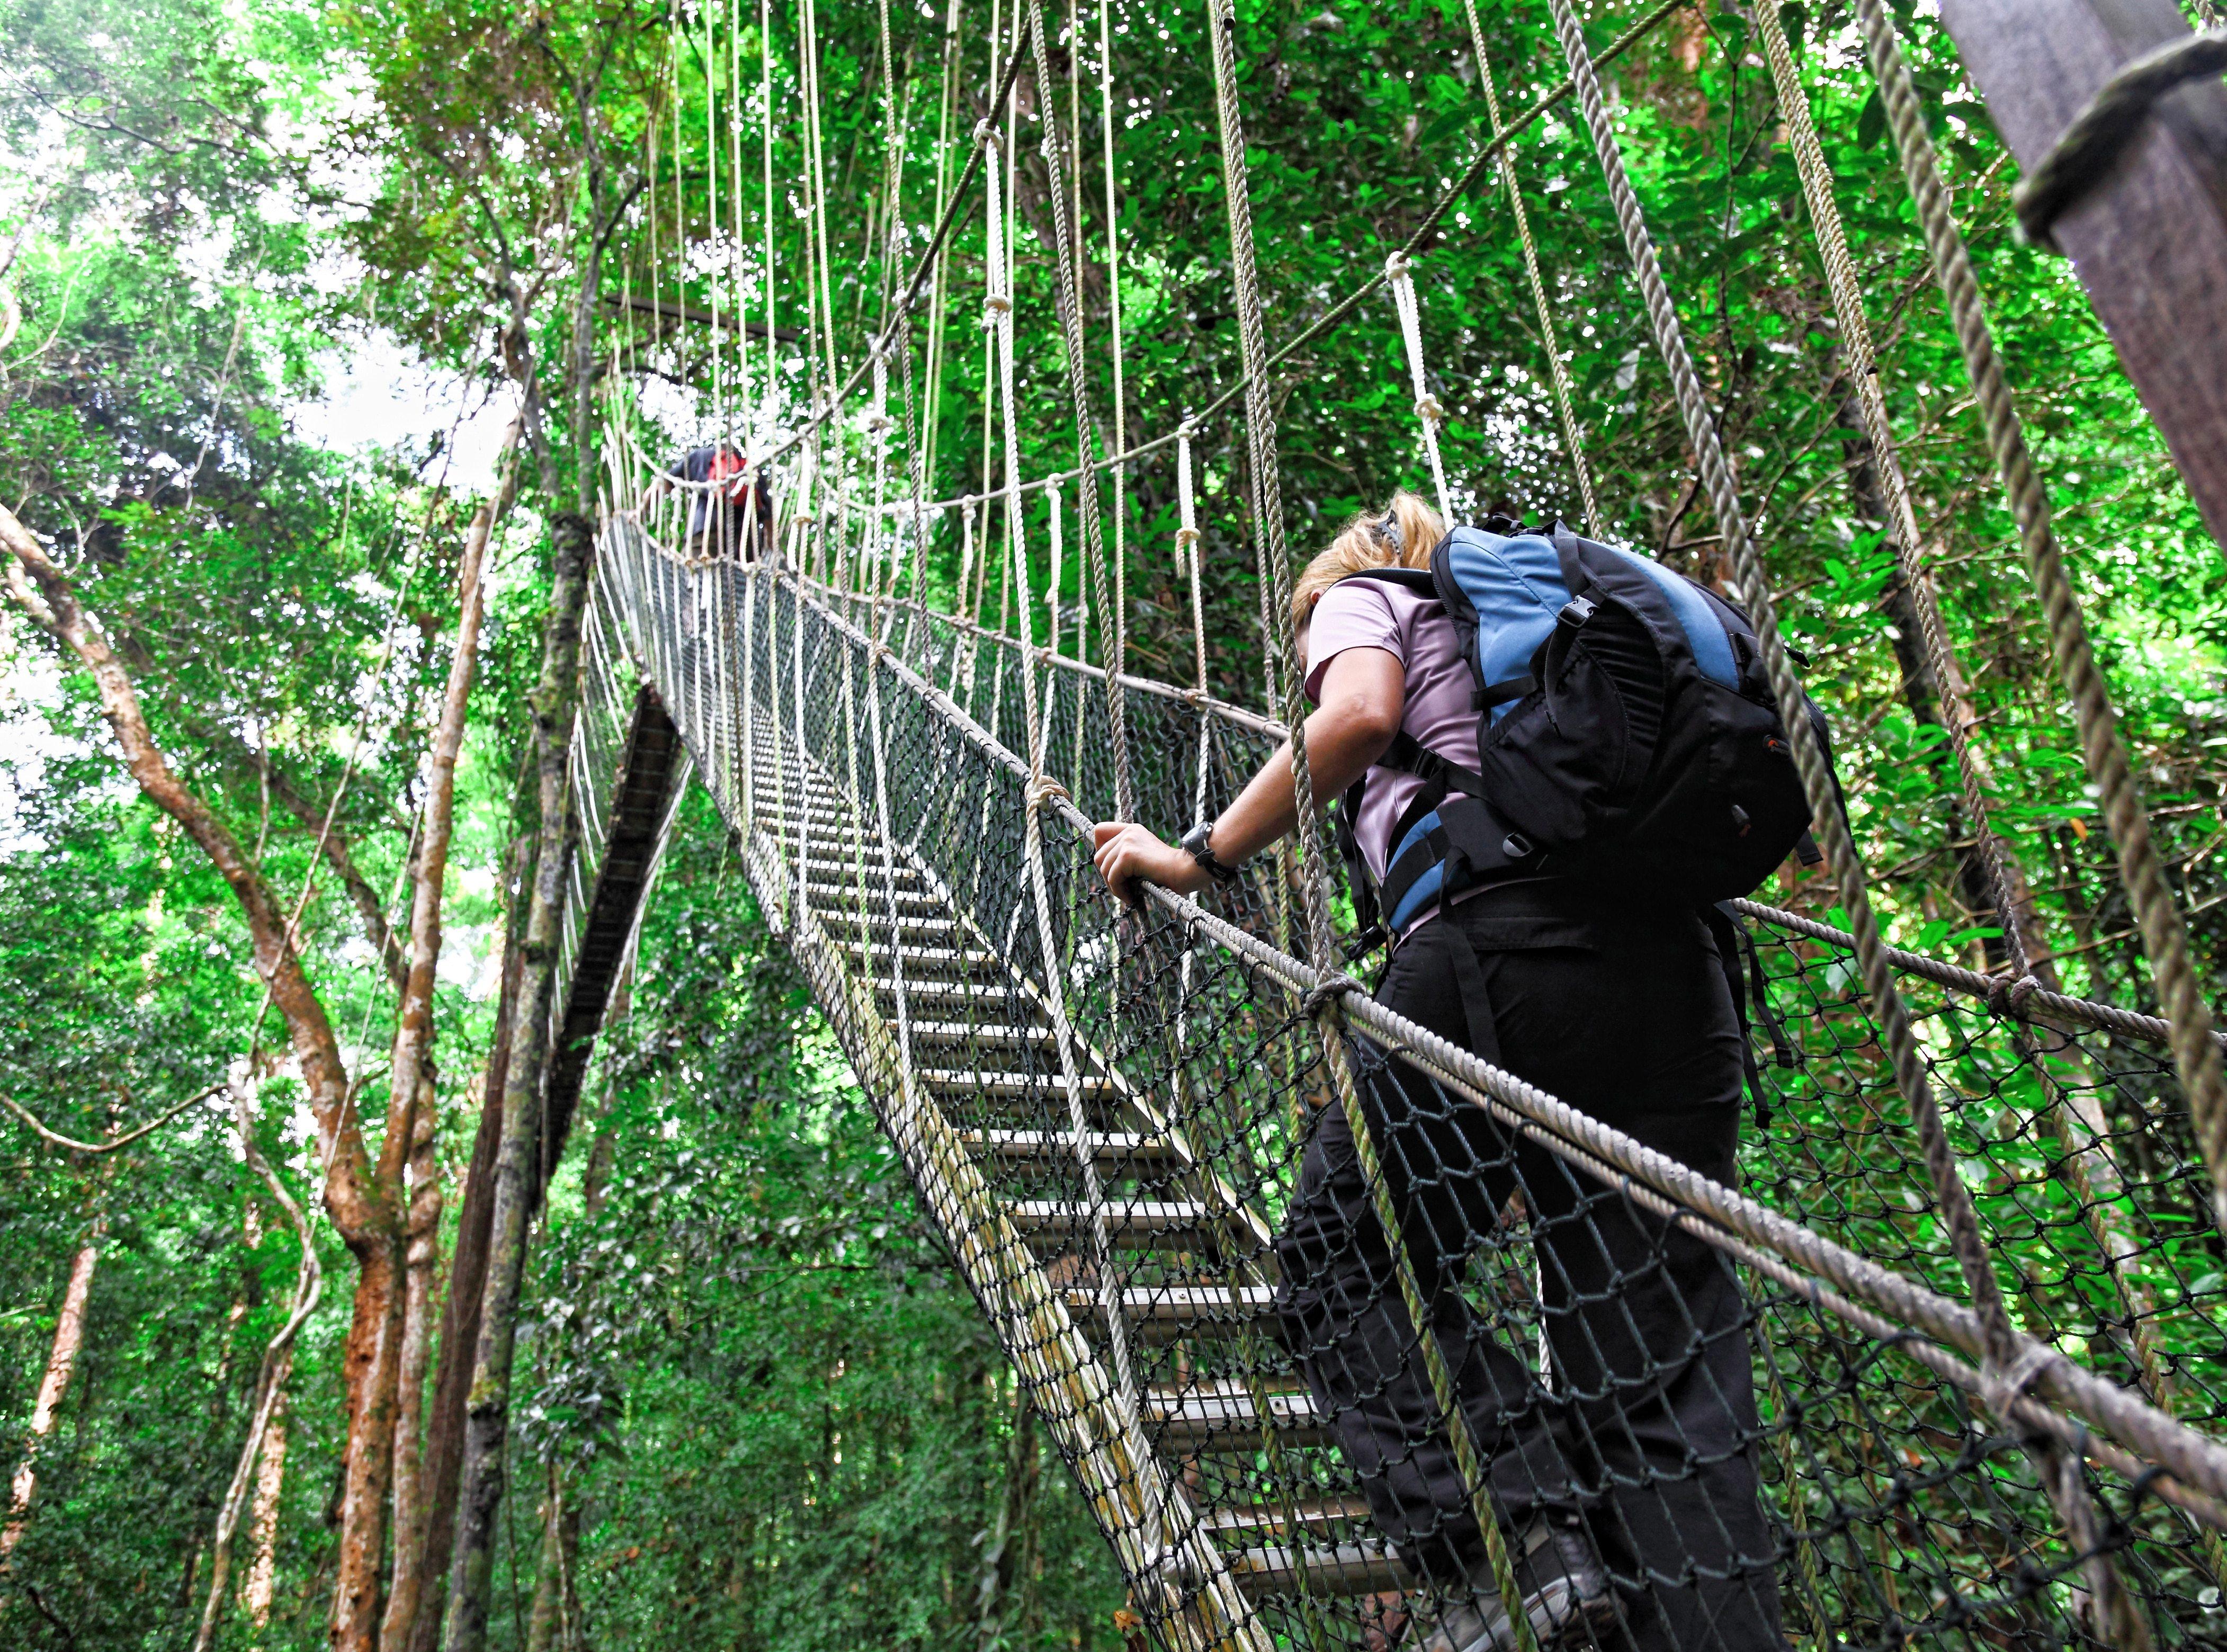 ممشى قمة الشجرة في ماليزيا